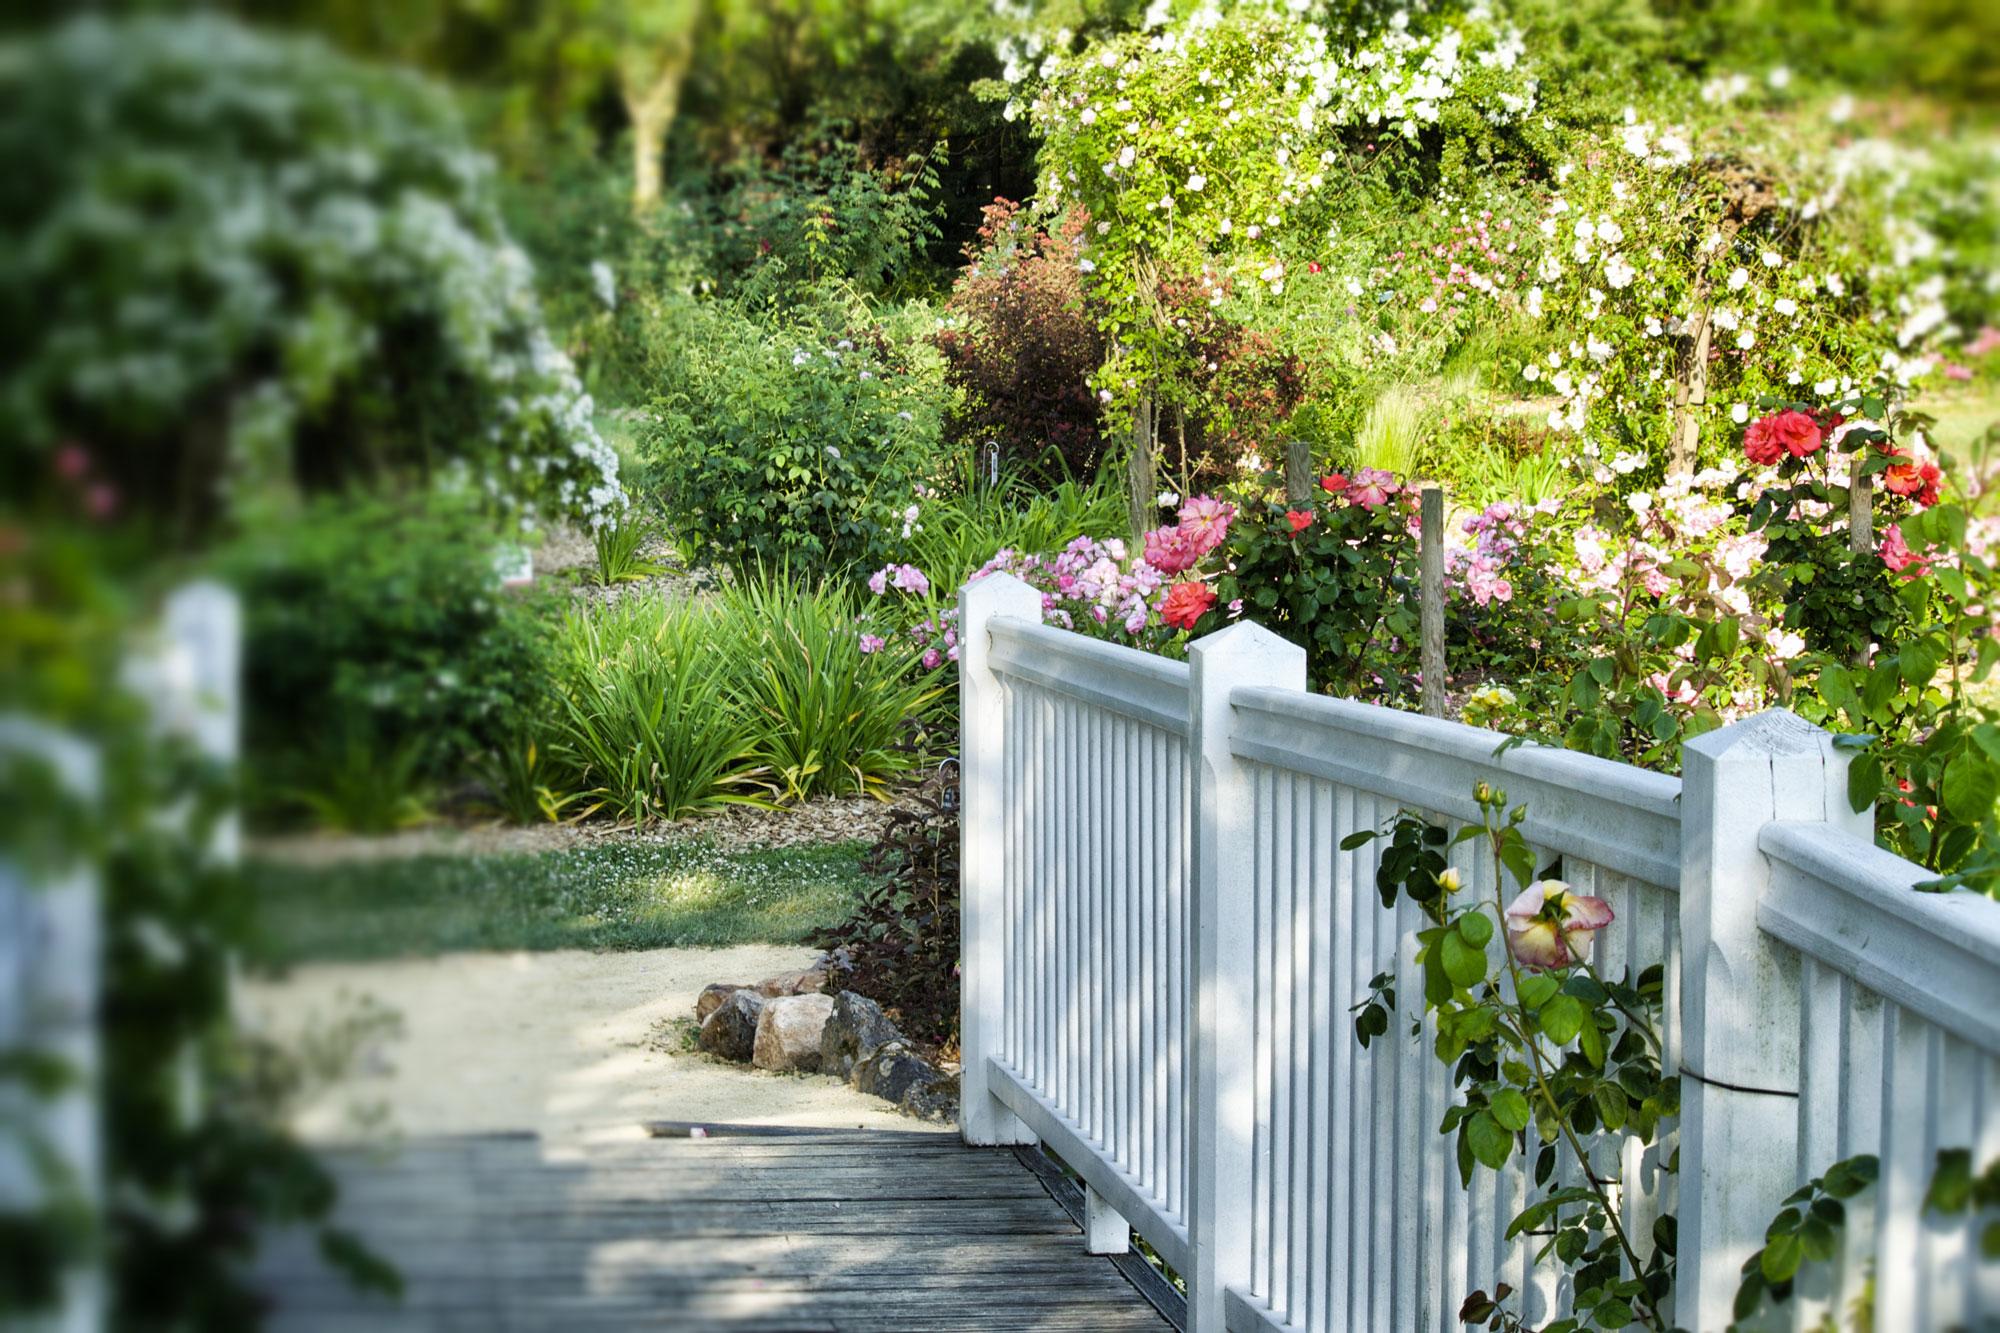 Parcs et jardins en anjou d couvrez les parcs a visiter dans le maine et loire - Jardin de la rose doue la fontaine ...